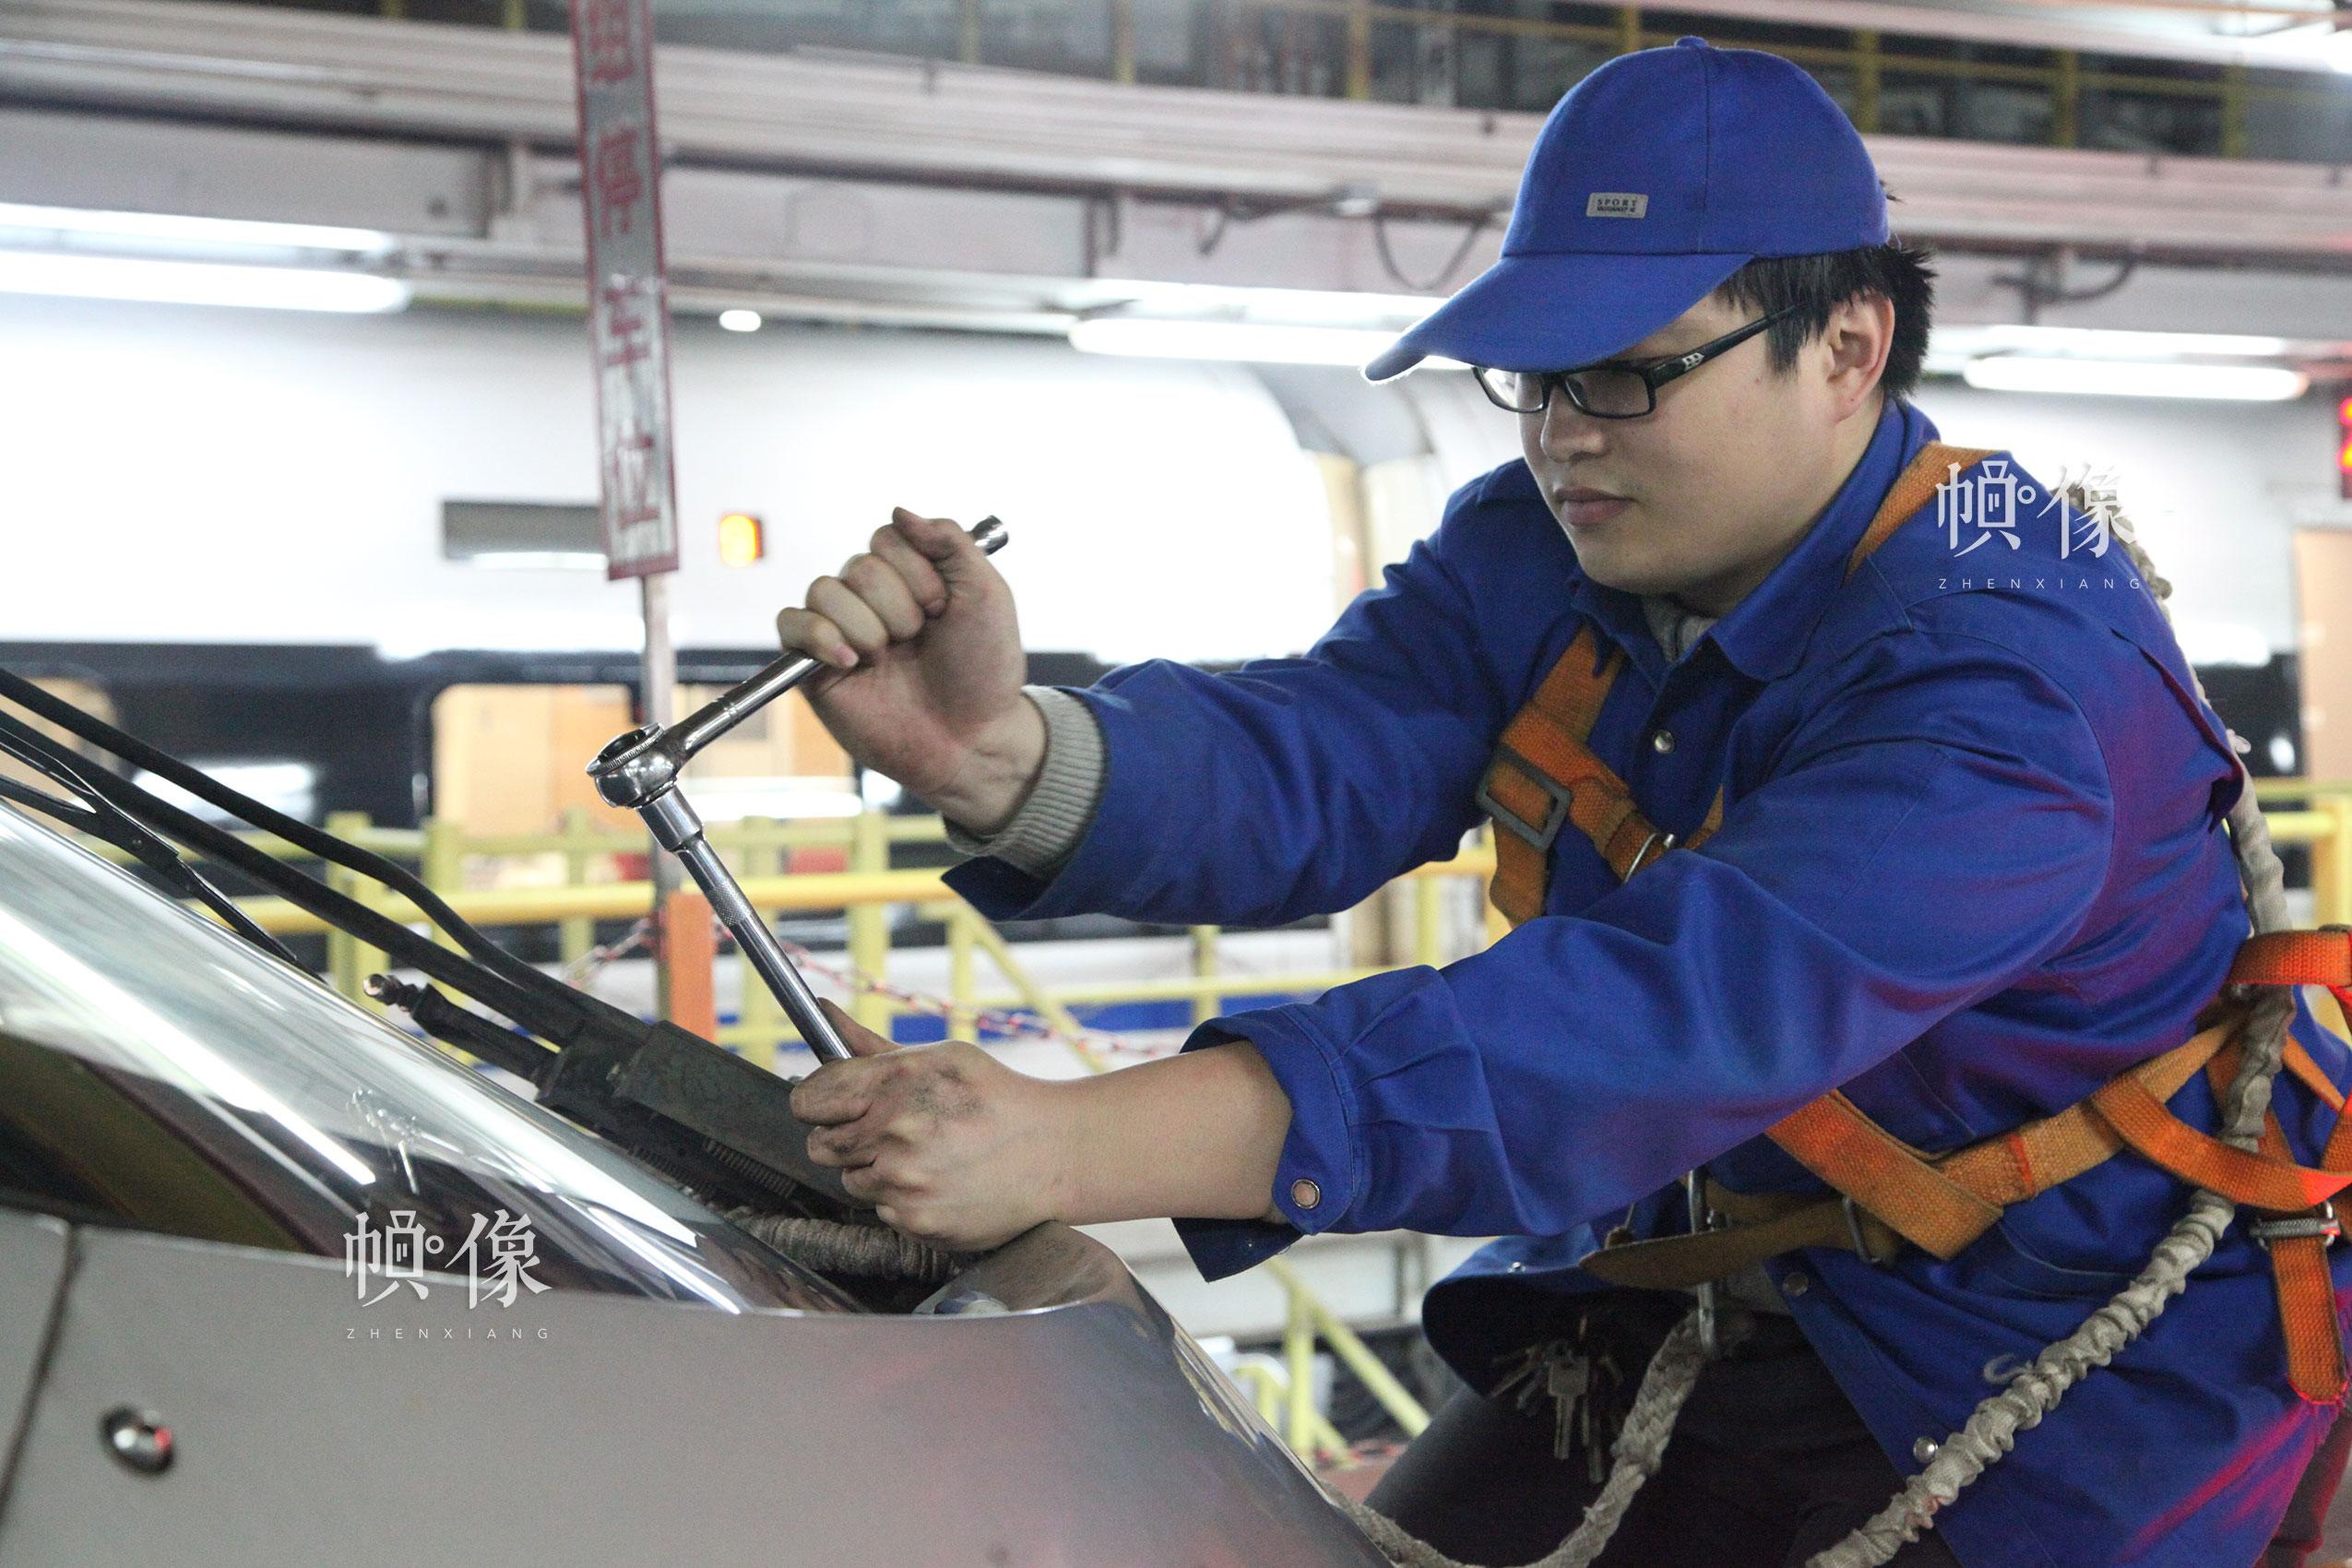 图为作业人员姜宇航更换雨刷器。北京动车段 李博 供图